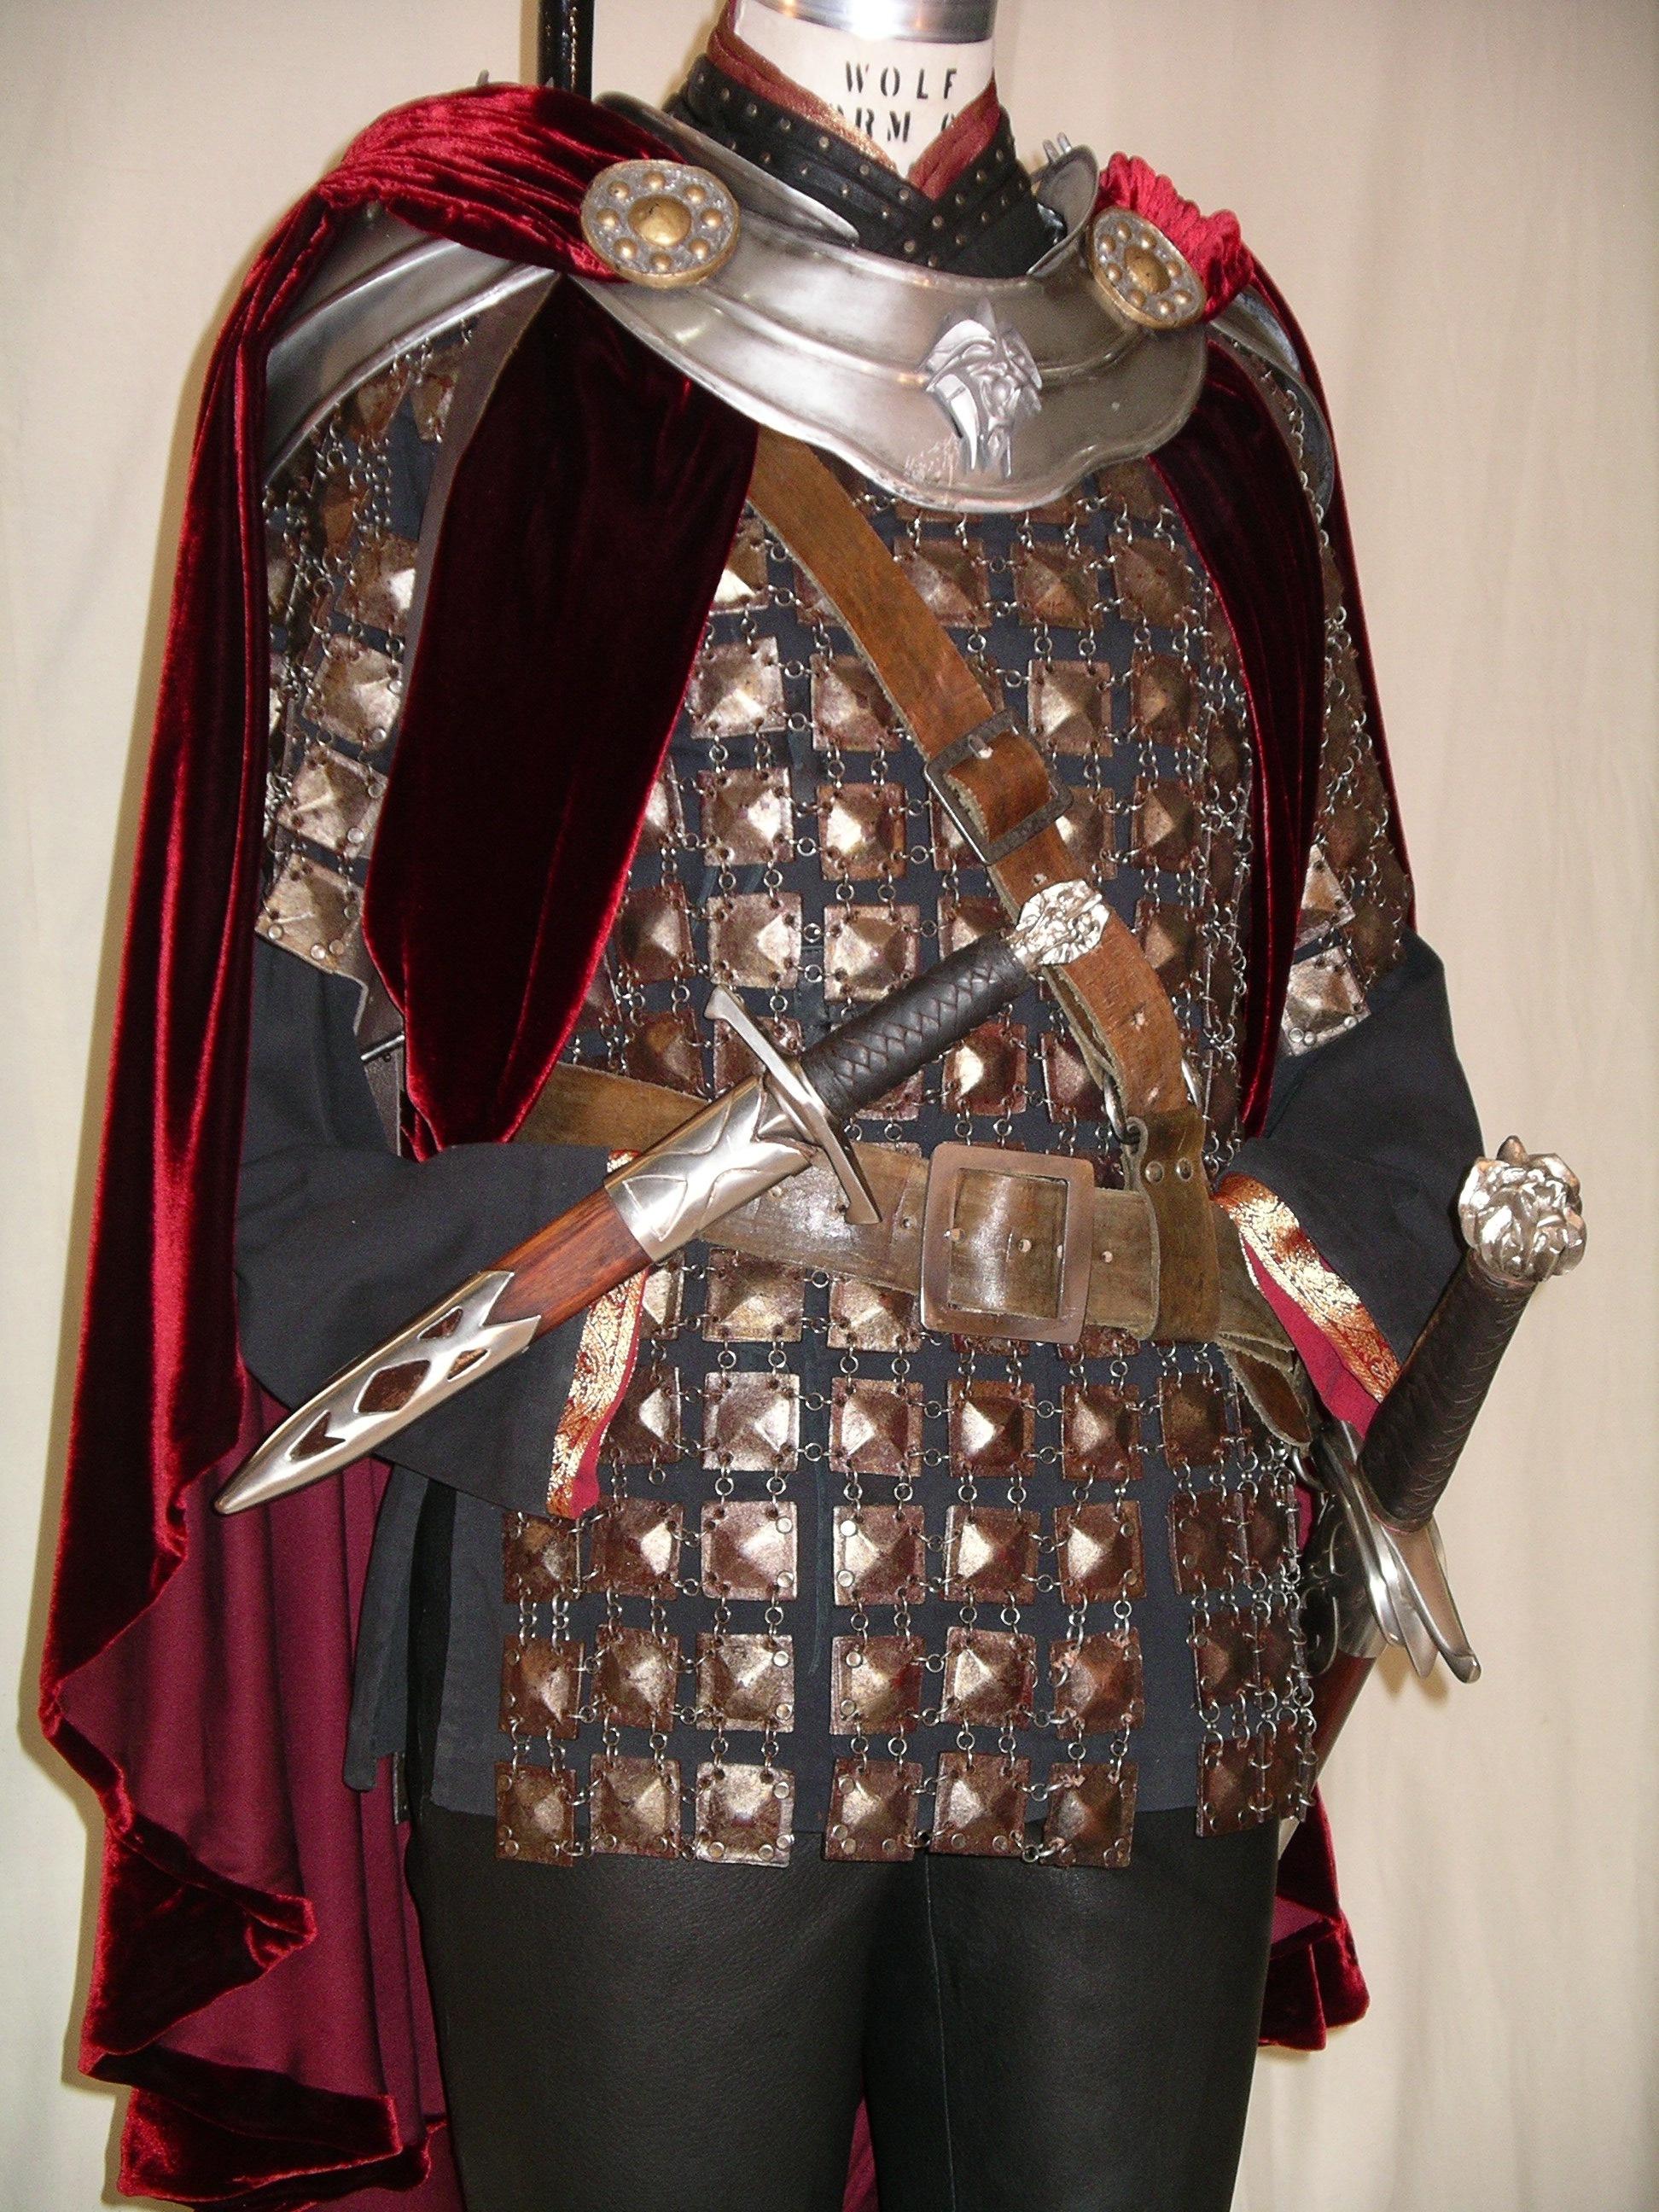 King Konreid